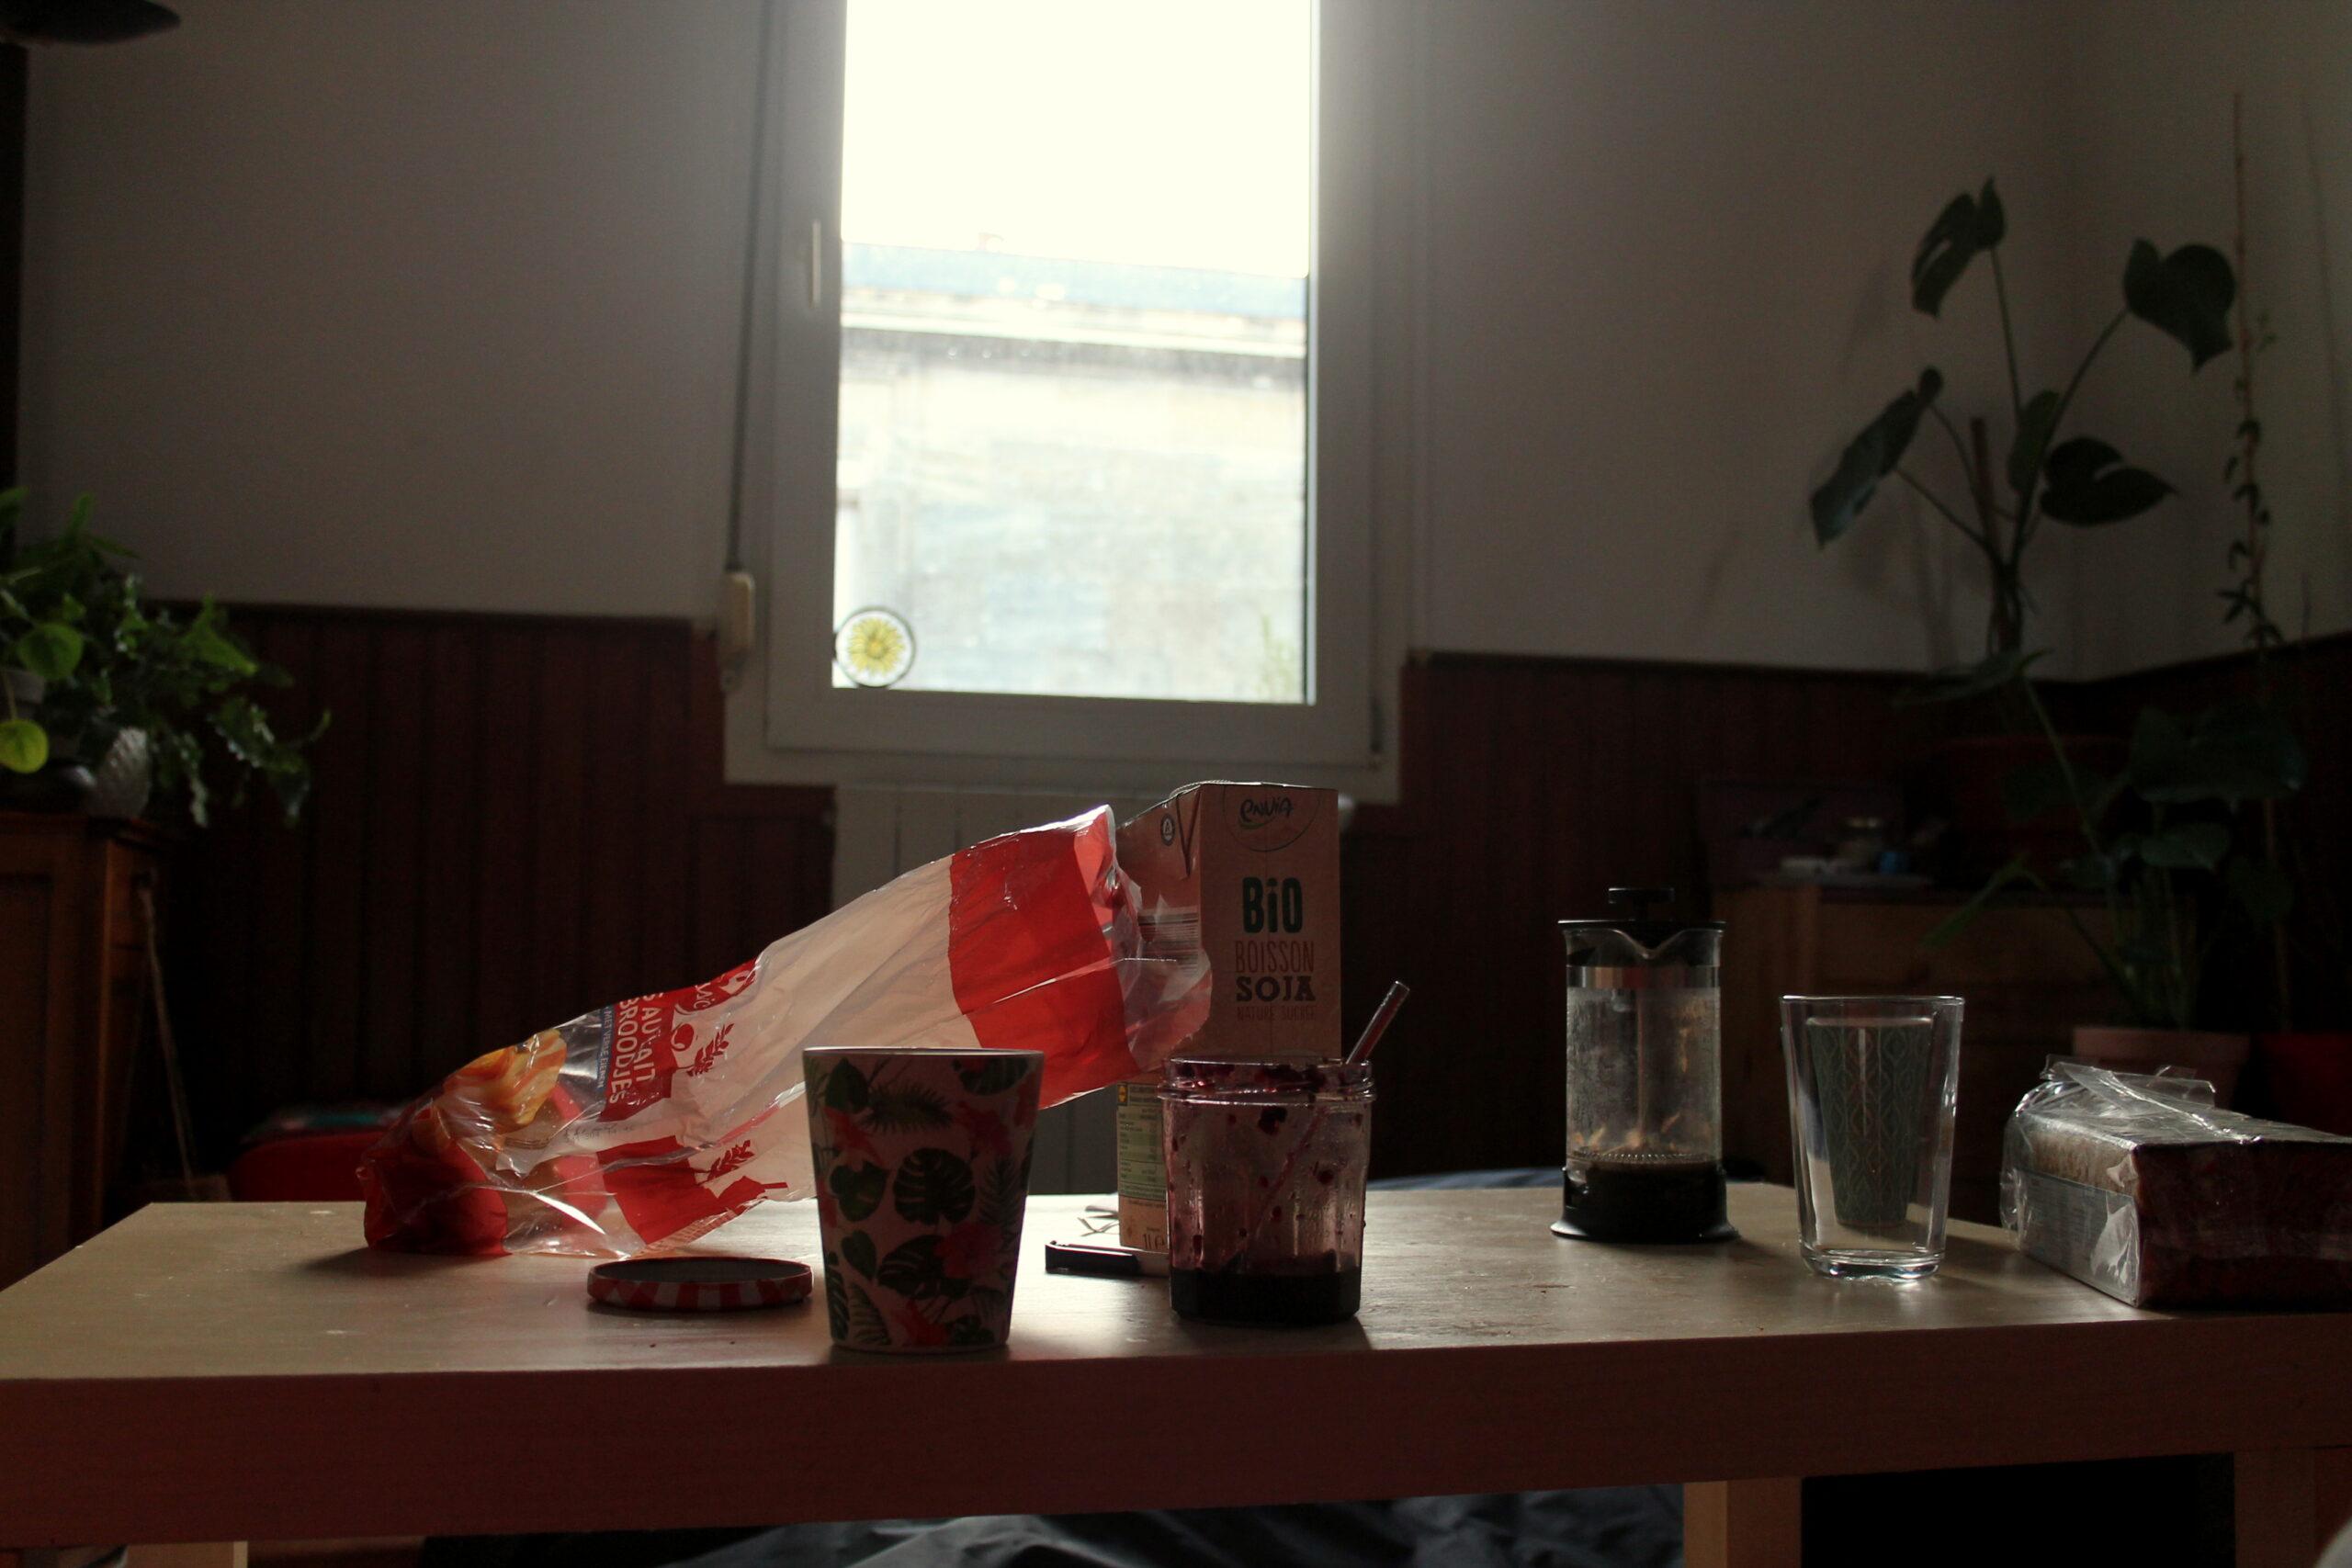 Nina prend son petit-déjeuner. Sur la table il y a du café de la confiture, du lait de soja et des petits pains au lait. En fond, une fenêtre avec les volets ouverts.